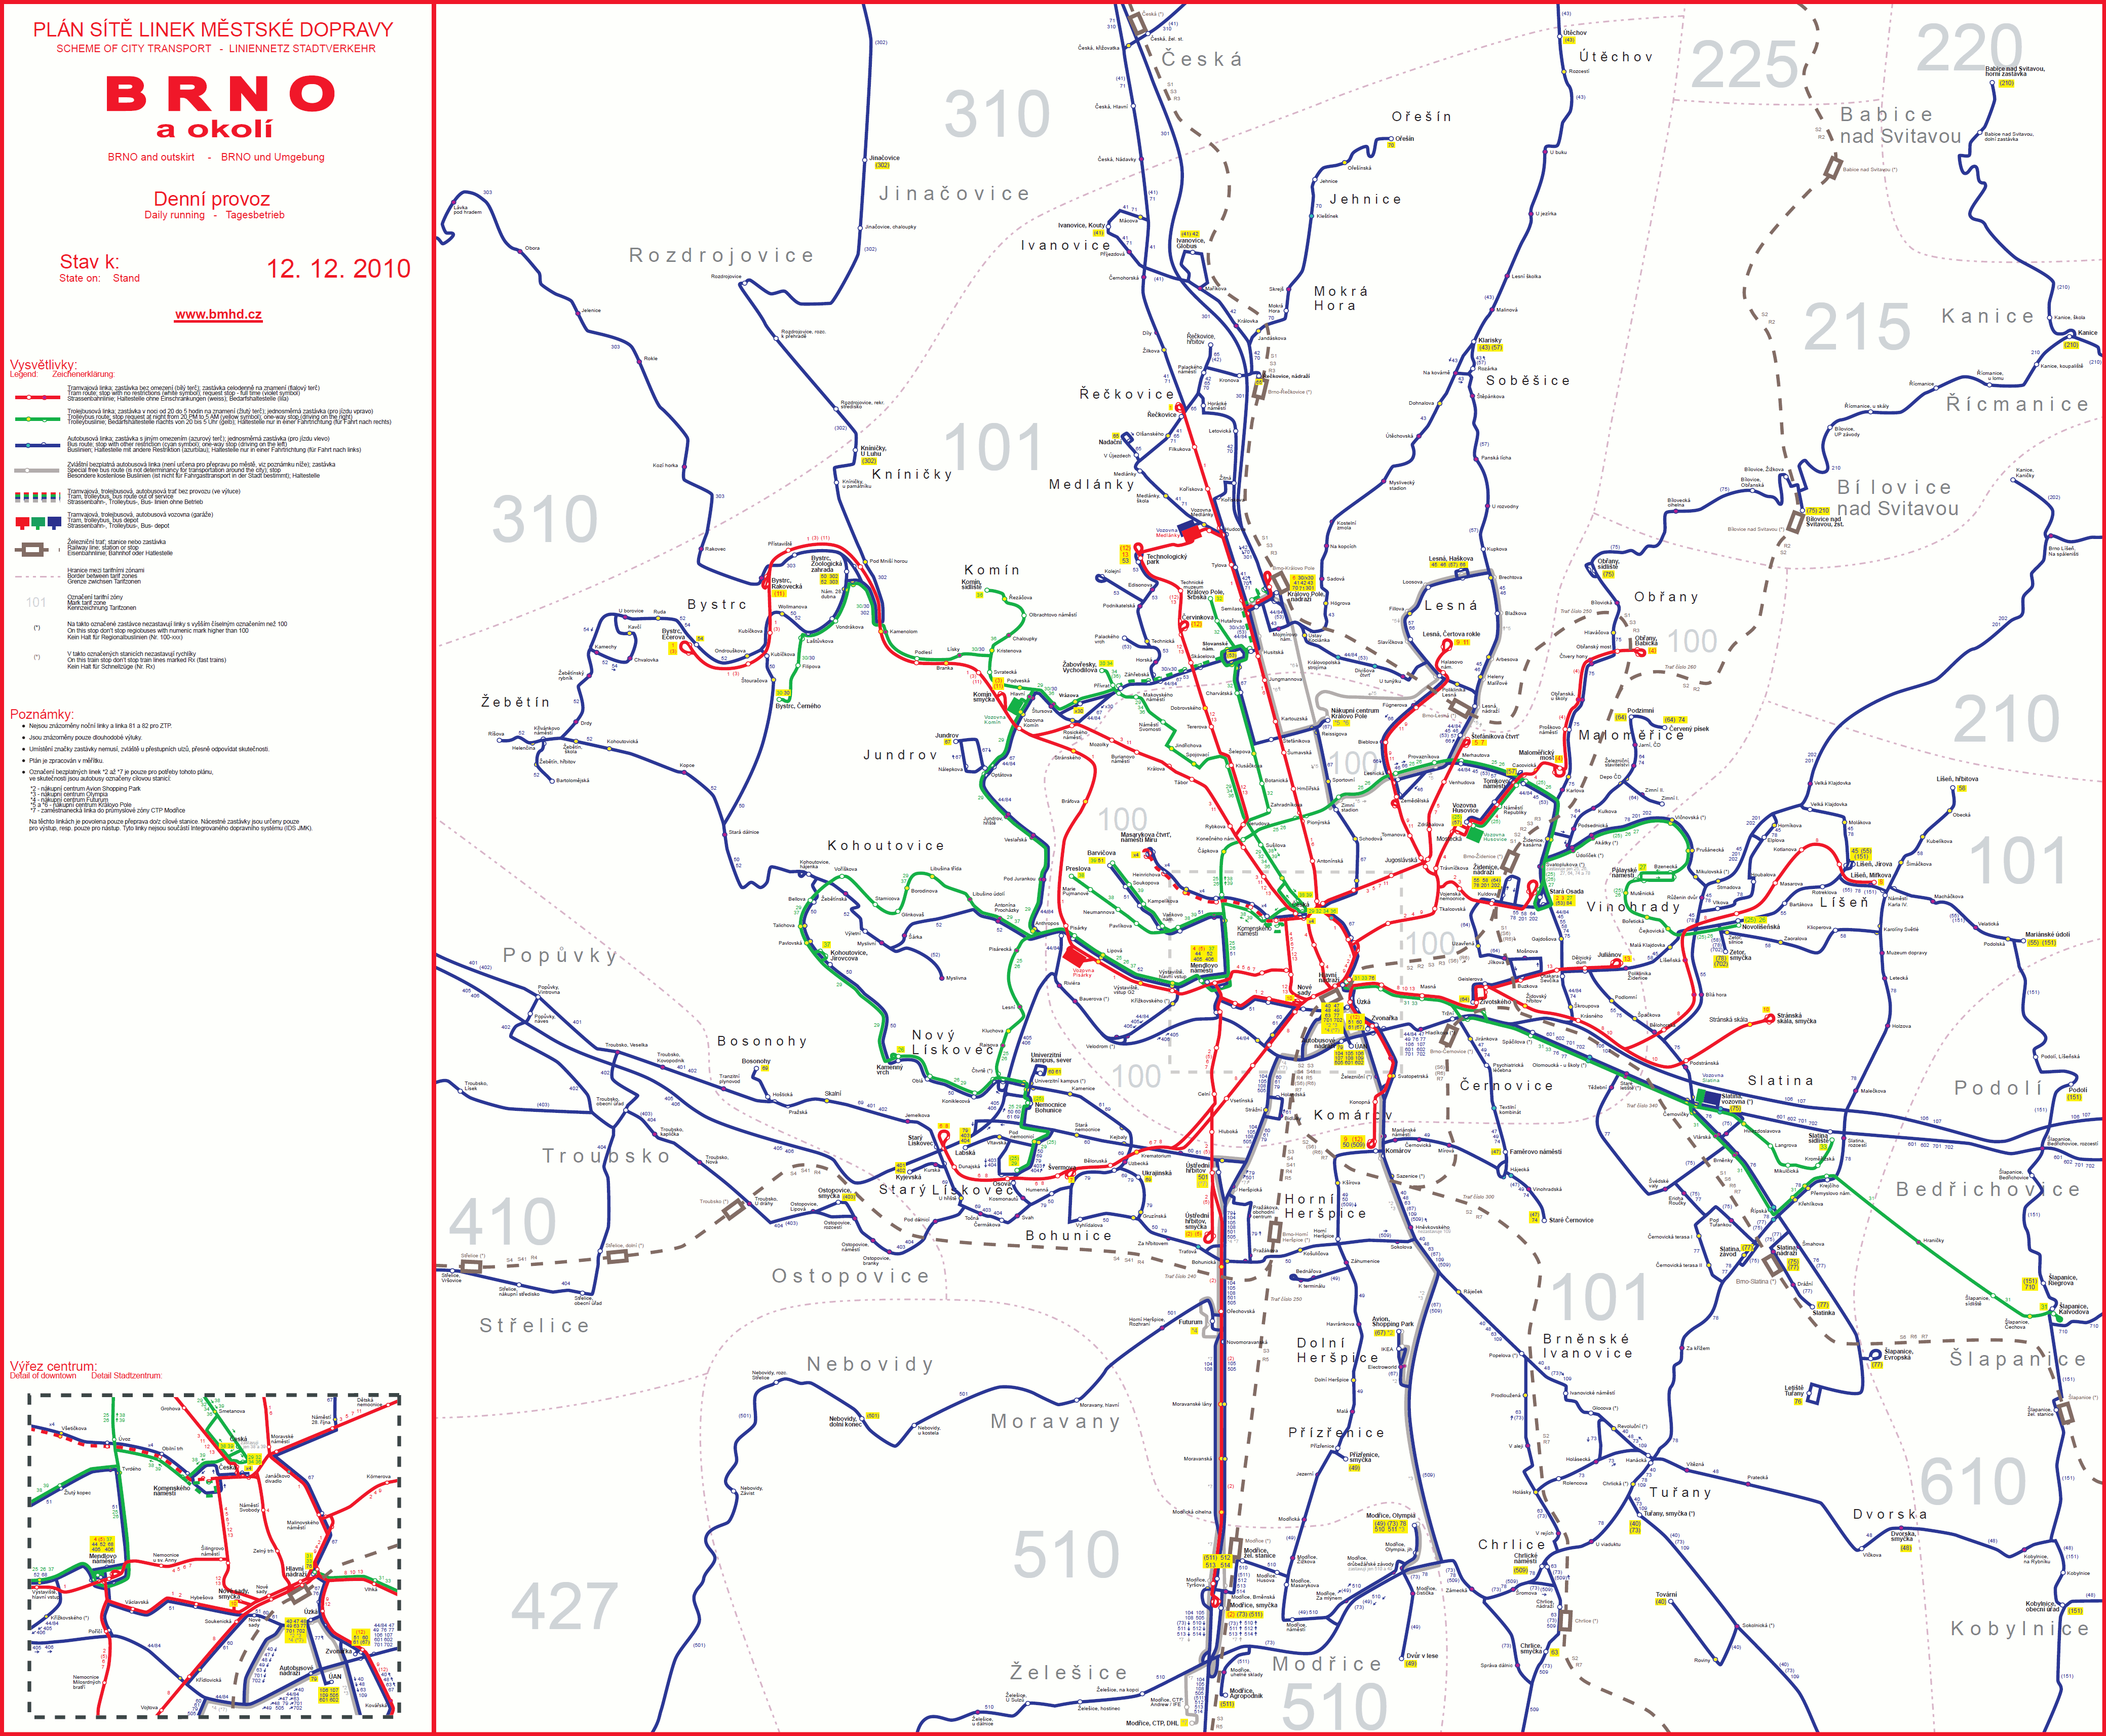 Mapa uzavírek brno